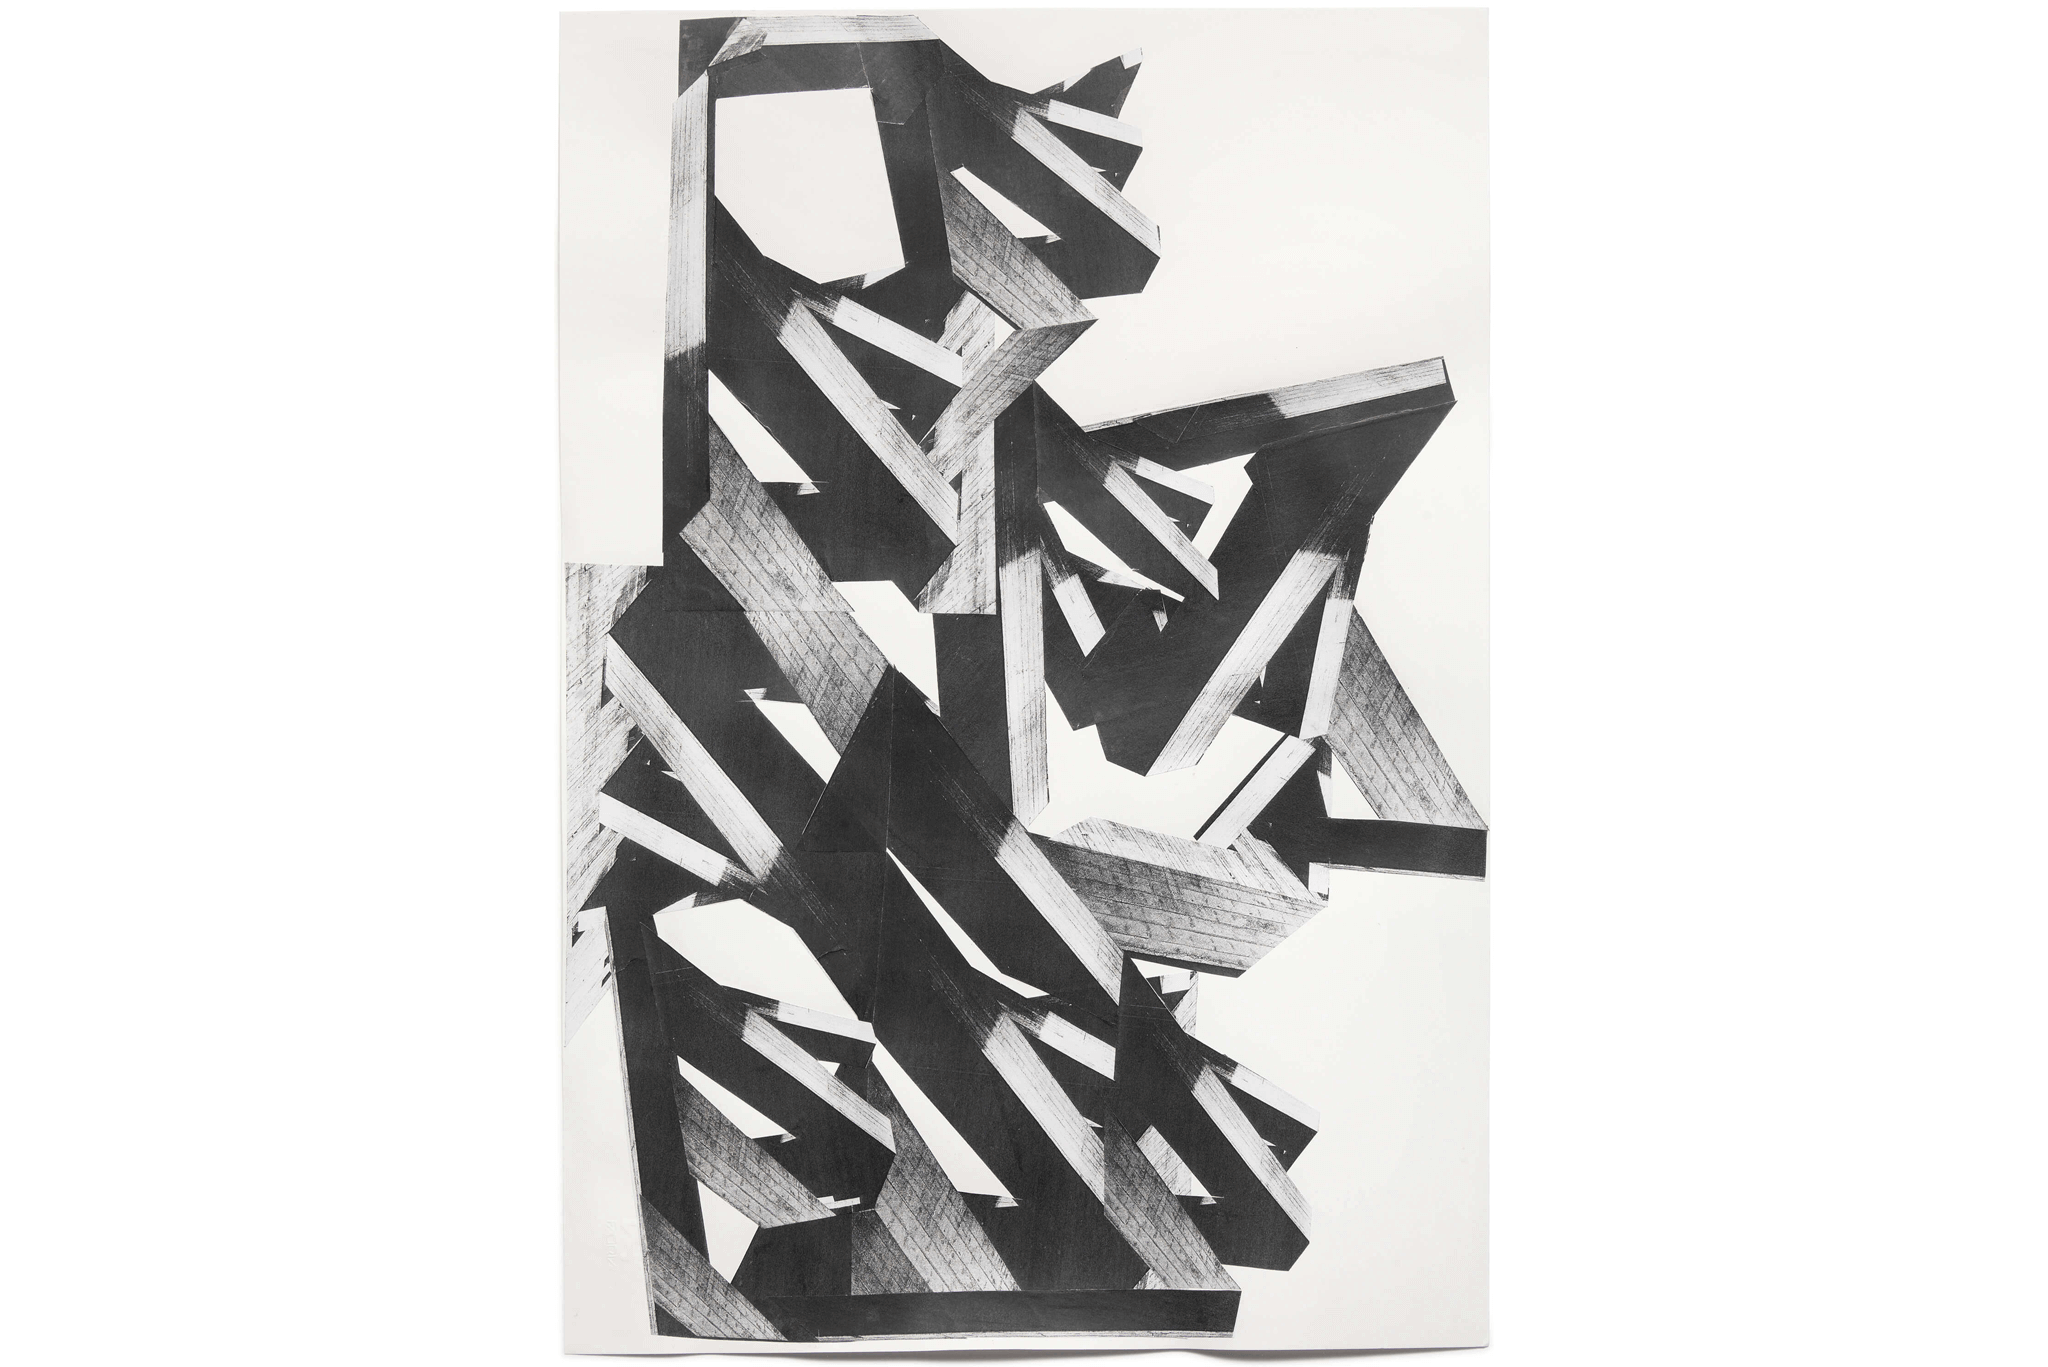 2014_13_Frauke-Dannert_Collage_Papiercollage_Geäst-Kopie